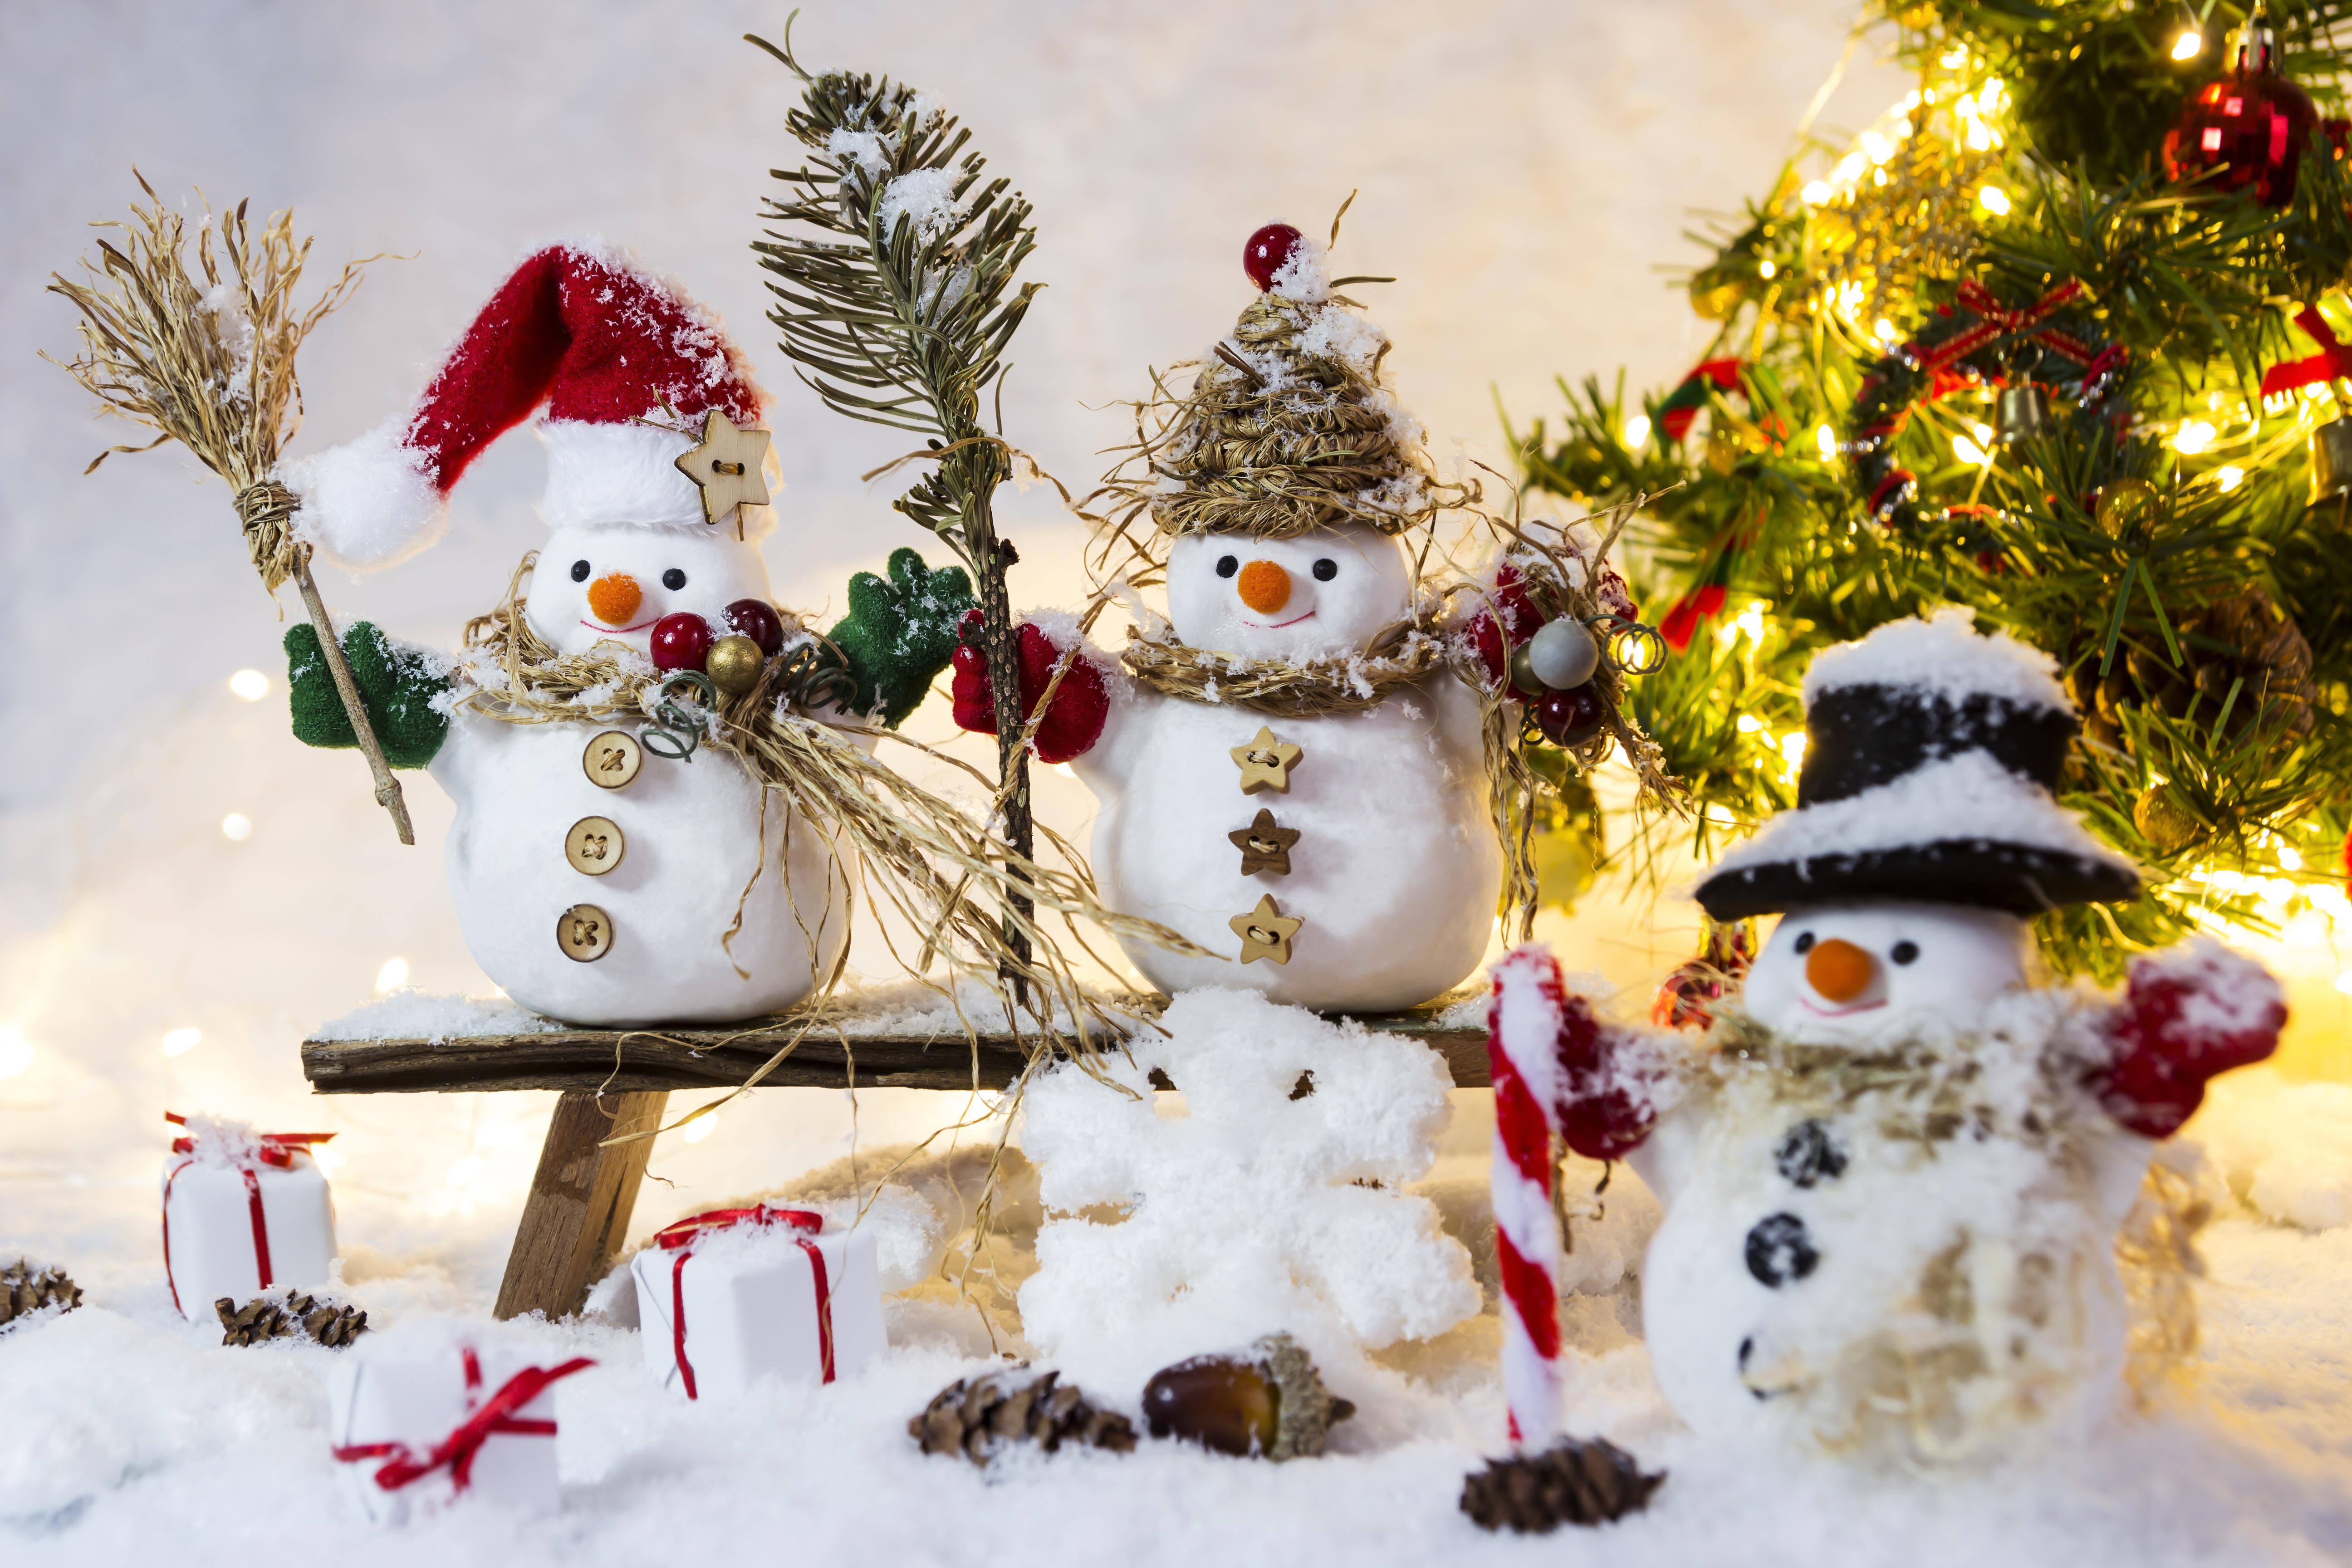 все красивые картинки новый год зима обои павел скачать